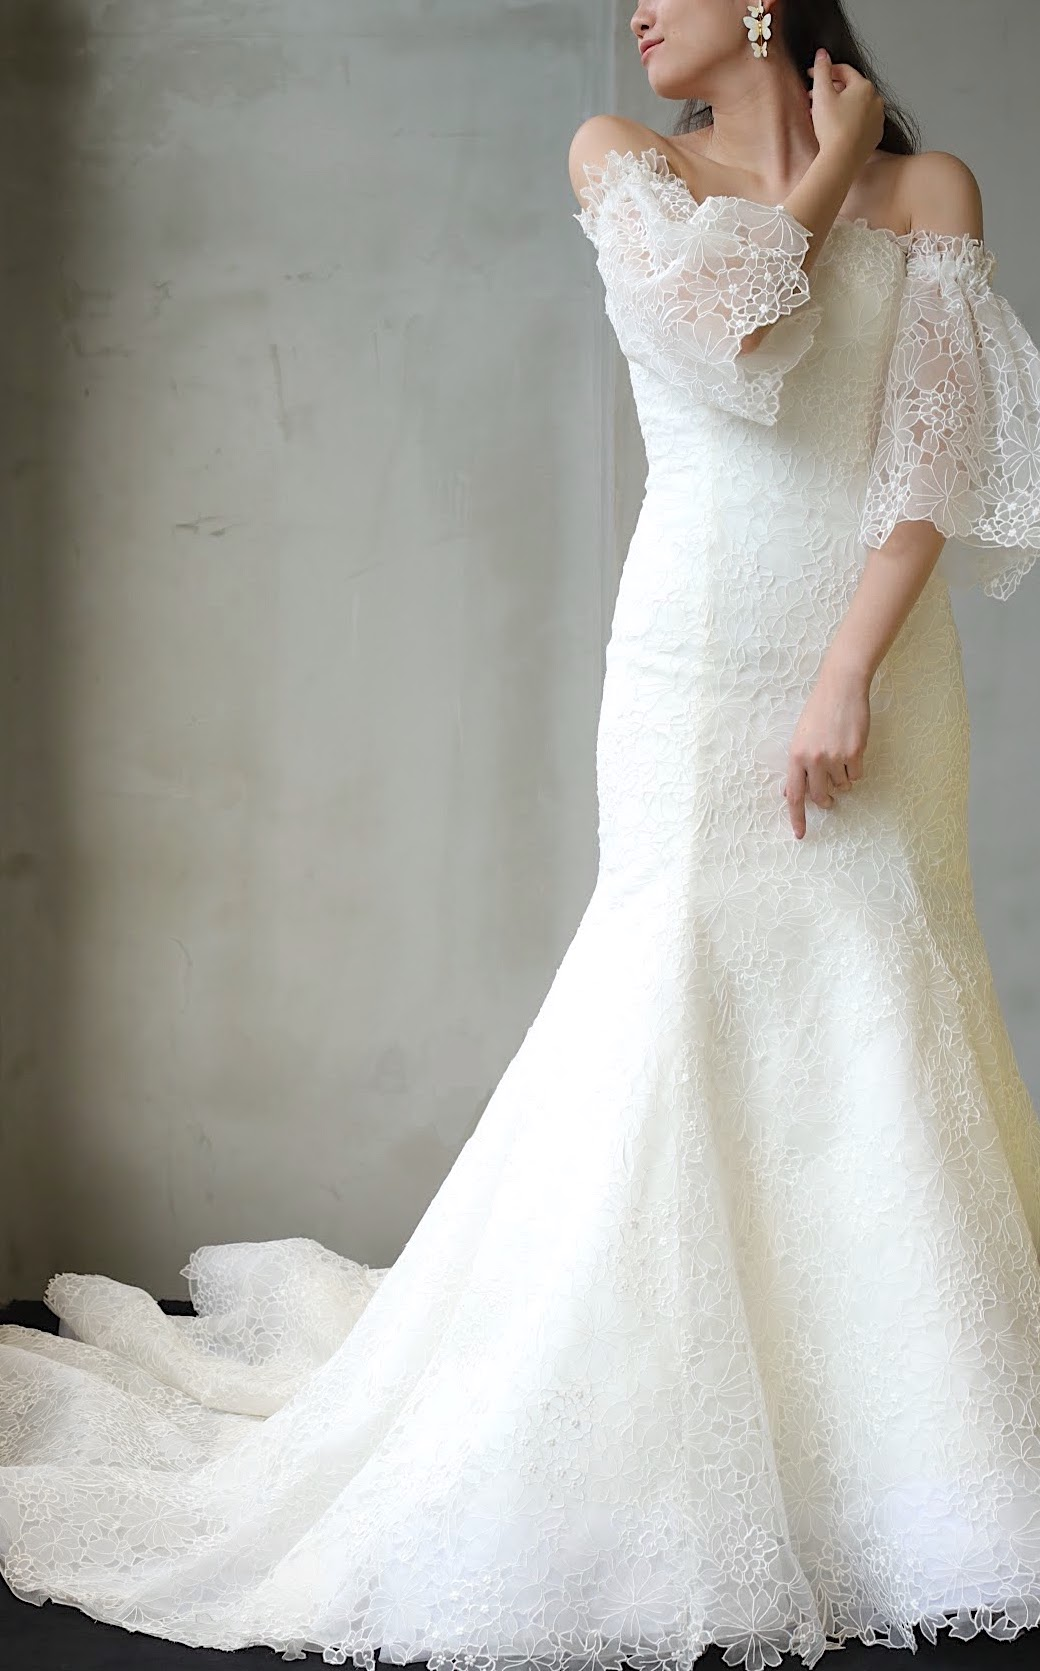 スタイルが綺麗に見えるマーメイドラインやスレンダーラインのウェディングドレスは挙式や披露宴で過ごしやすい為、赤坂プリンスクラシックハウスでの少人数式や親族式のパーティーにもおすすめです